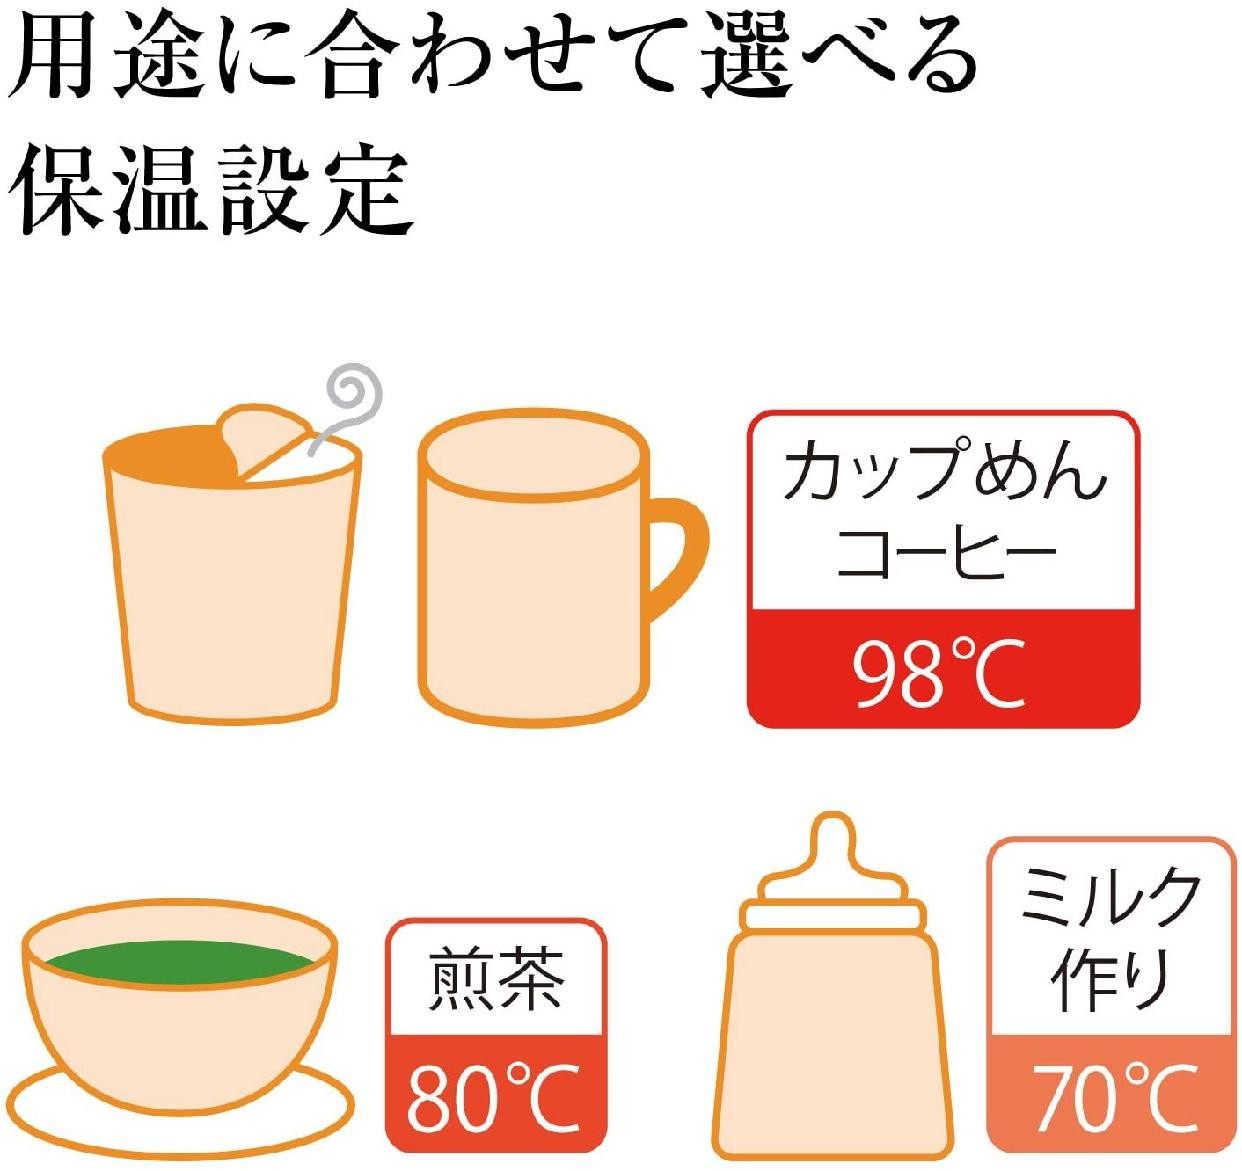 象印(ぞうじるし)マイコン沸とうVE電気まほうびん 優湯生(ゆうとうせい)/CV-GA30の商品画像6